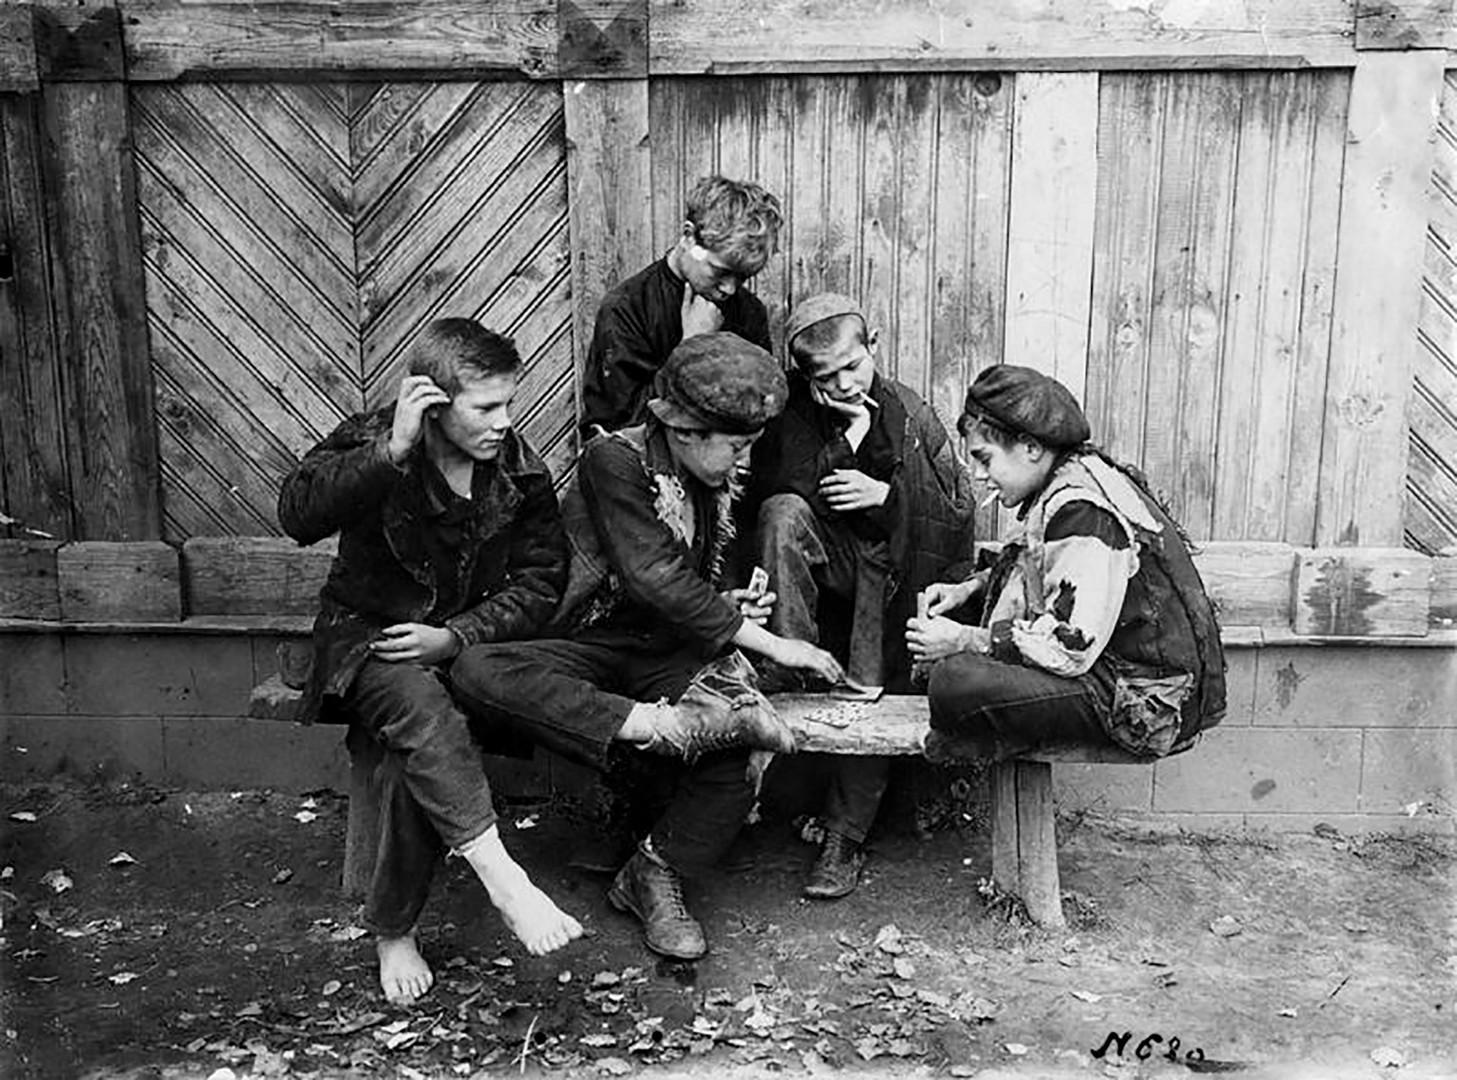 Straßenkinder in der Provinz, 1920er Jahre